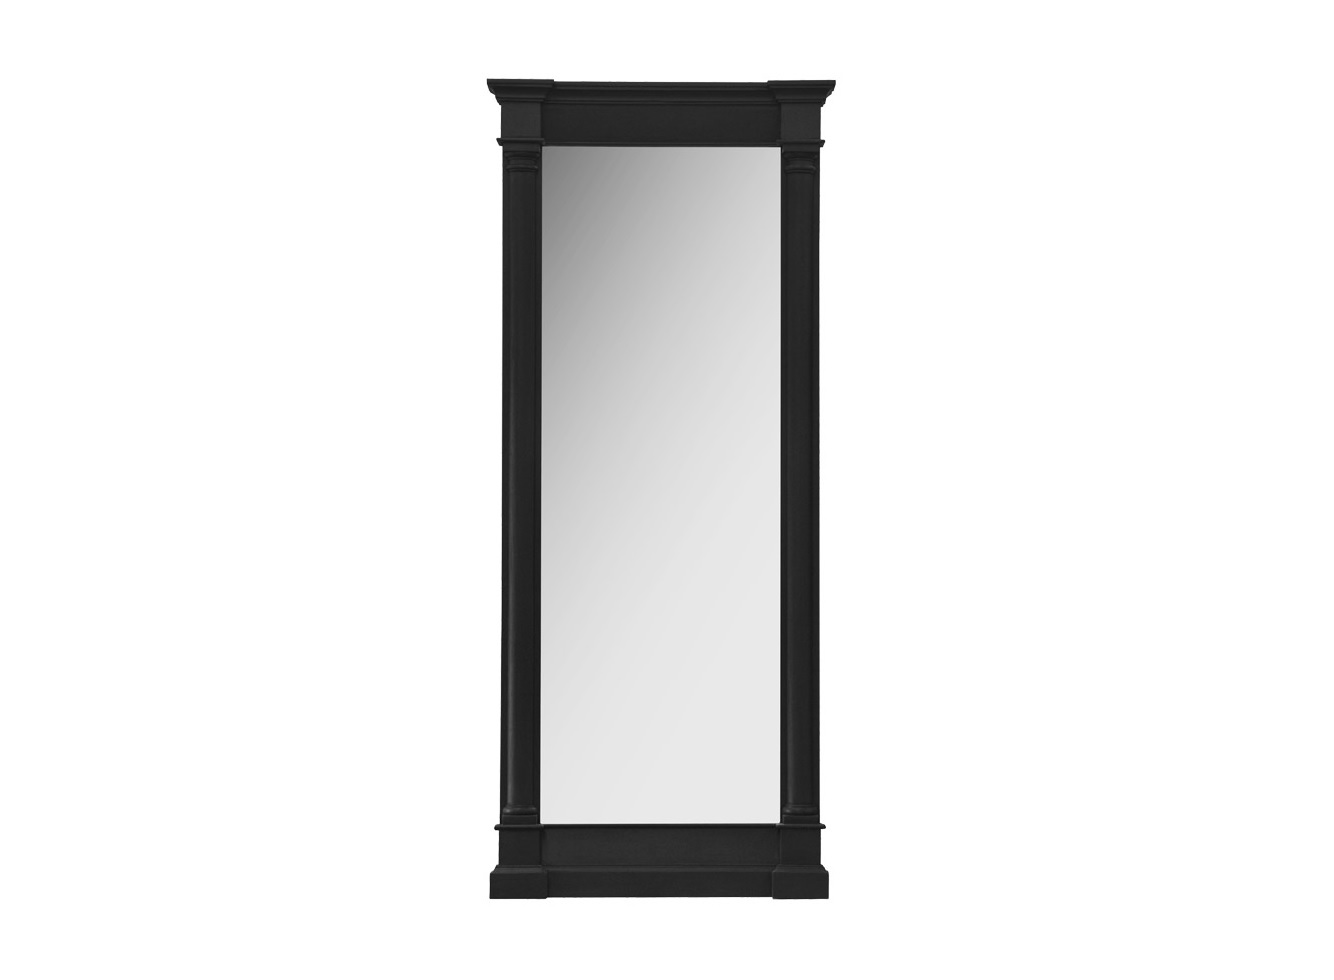 Зеркало Destiny mirrorНастенные зеркала<br>&amp;quot;Destiny Mirror&amp;quot; ? зеркало, в оформлении которого нет ничего лишнего. Настенный декор прямоугольного силуэта выполнен в английском стиле, полном элегантной роскоши. Деревянная рама из черного дерева придает его облику благородство, величественность и некоторую загадочность. Единственными украшениями строгих пропорций выступают резные элементы, которые придают изюминку аскетичному дизайну.<br><br>Material: Дерево<br>Width см: 87<br>Depth см: 12<br>Height см: 204